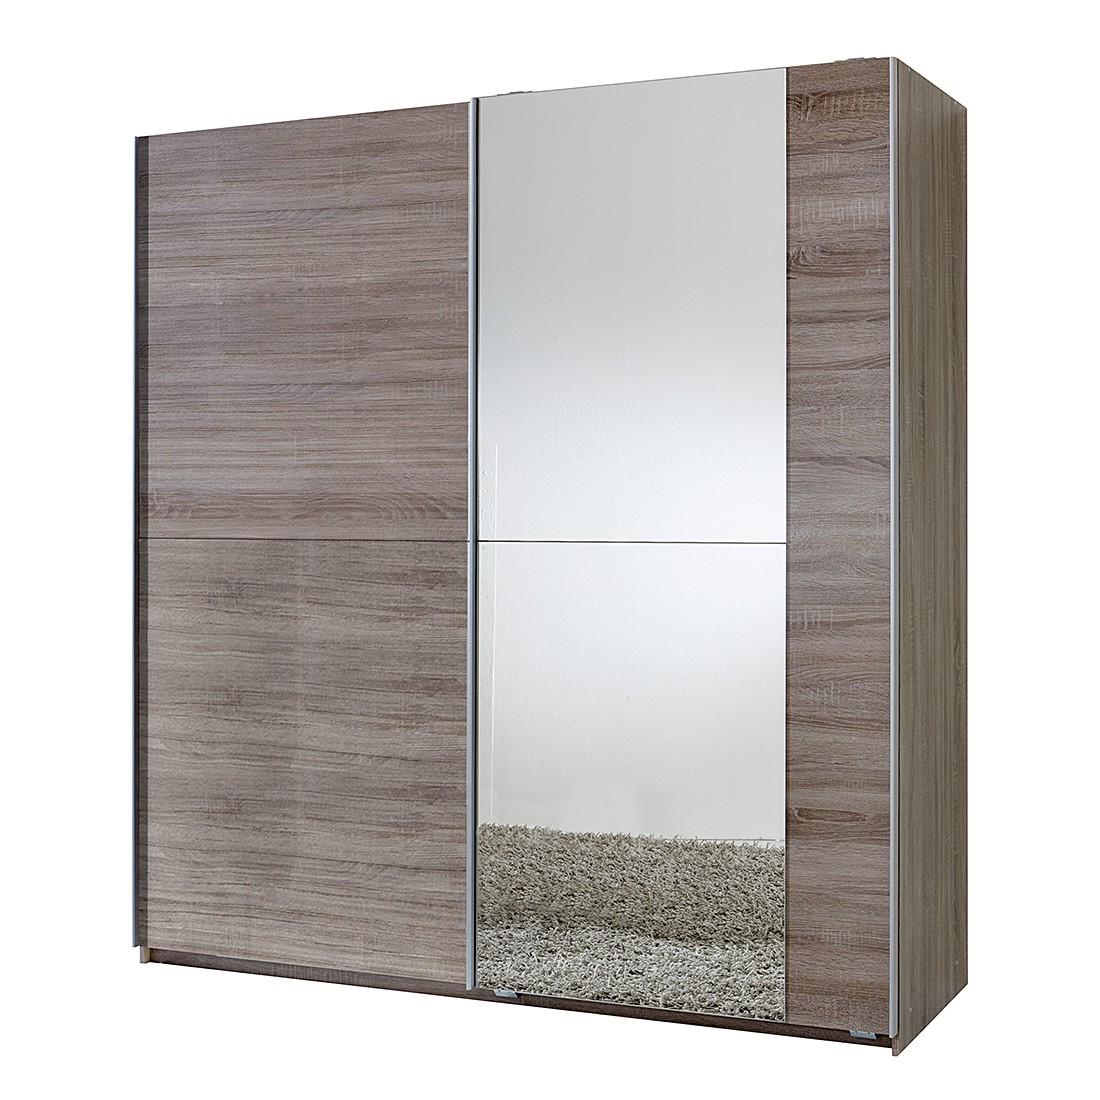 Schwebetürenschrank Fashion Star - Montana Eiche - Spiegel (Schrank mit einem Spiegel)